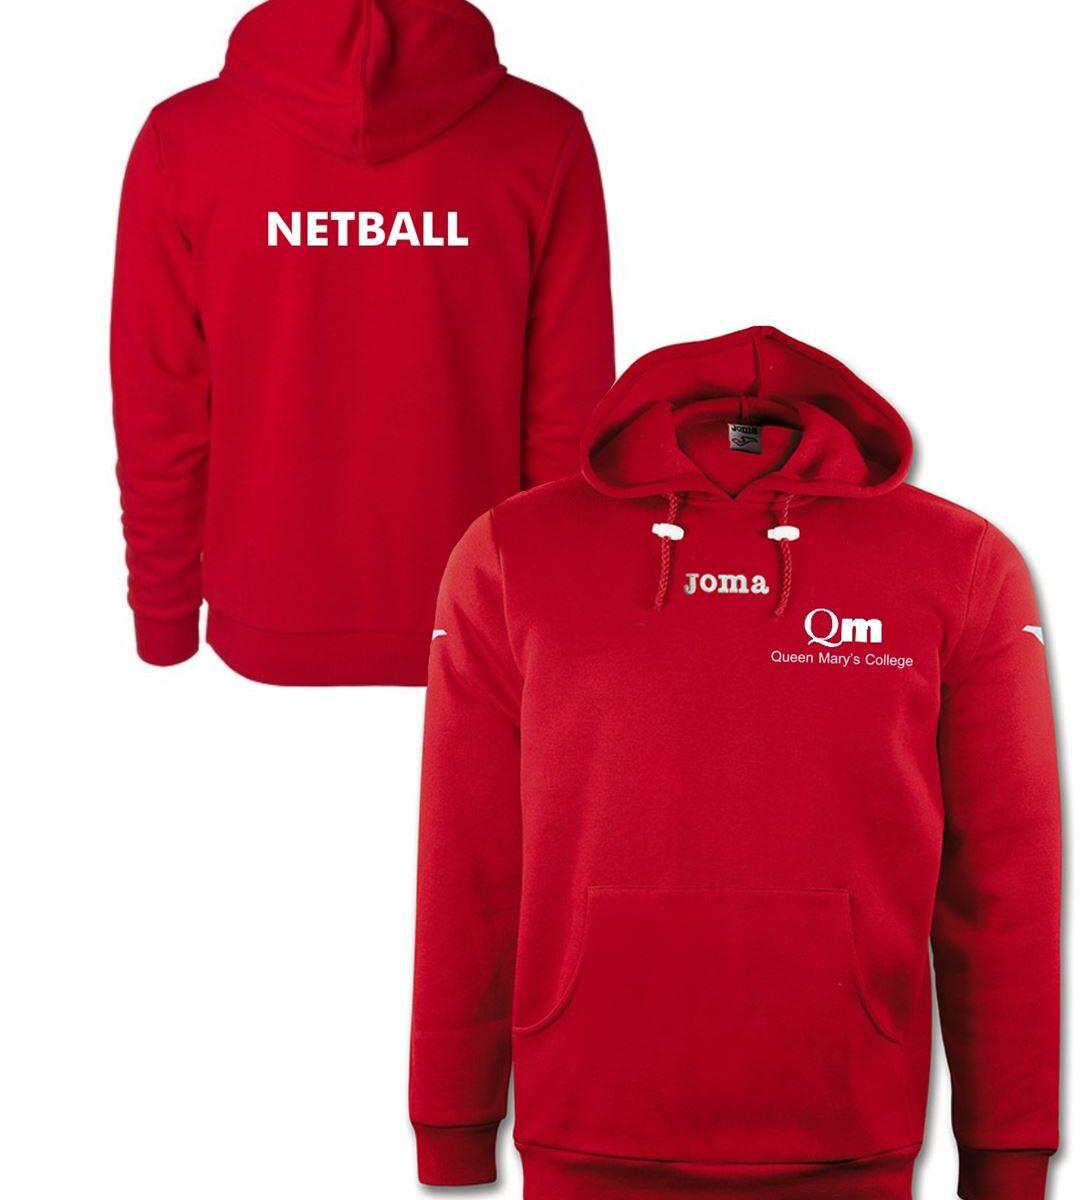 Queen Mary's Combi Atenas Fleece Hooded NETBALL Sweatshirt